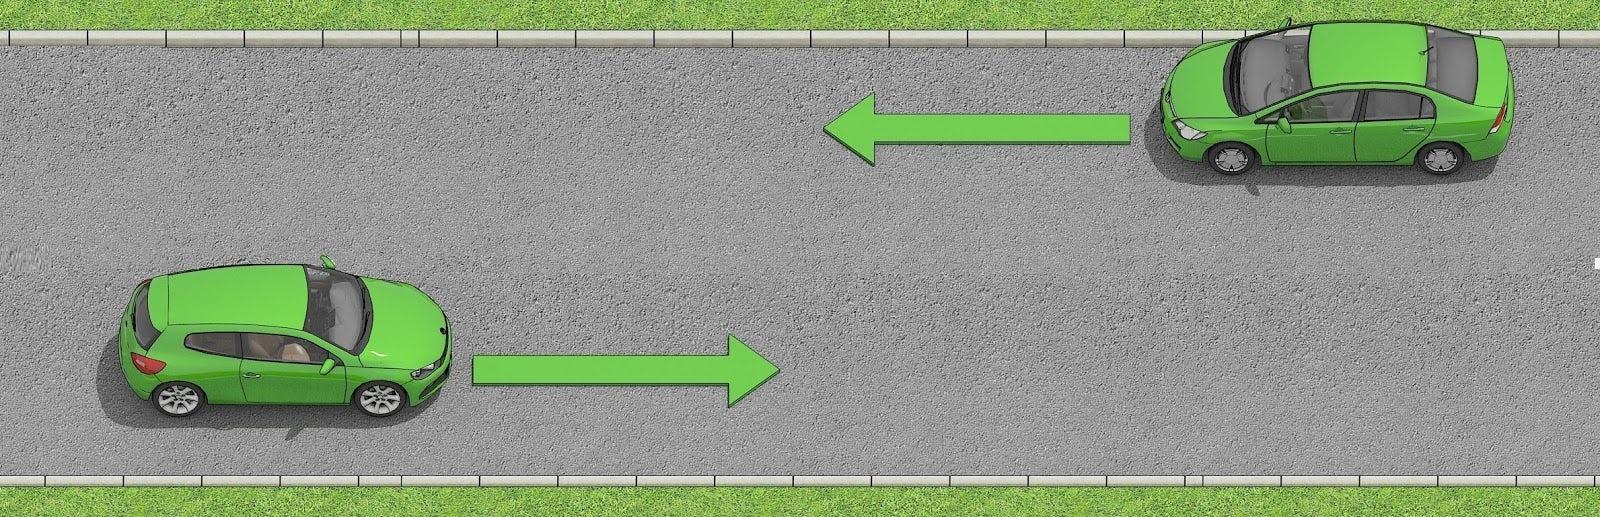 Två bilar möts på en väg där det är inte finns en mittlinje.